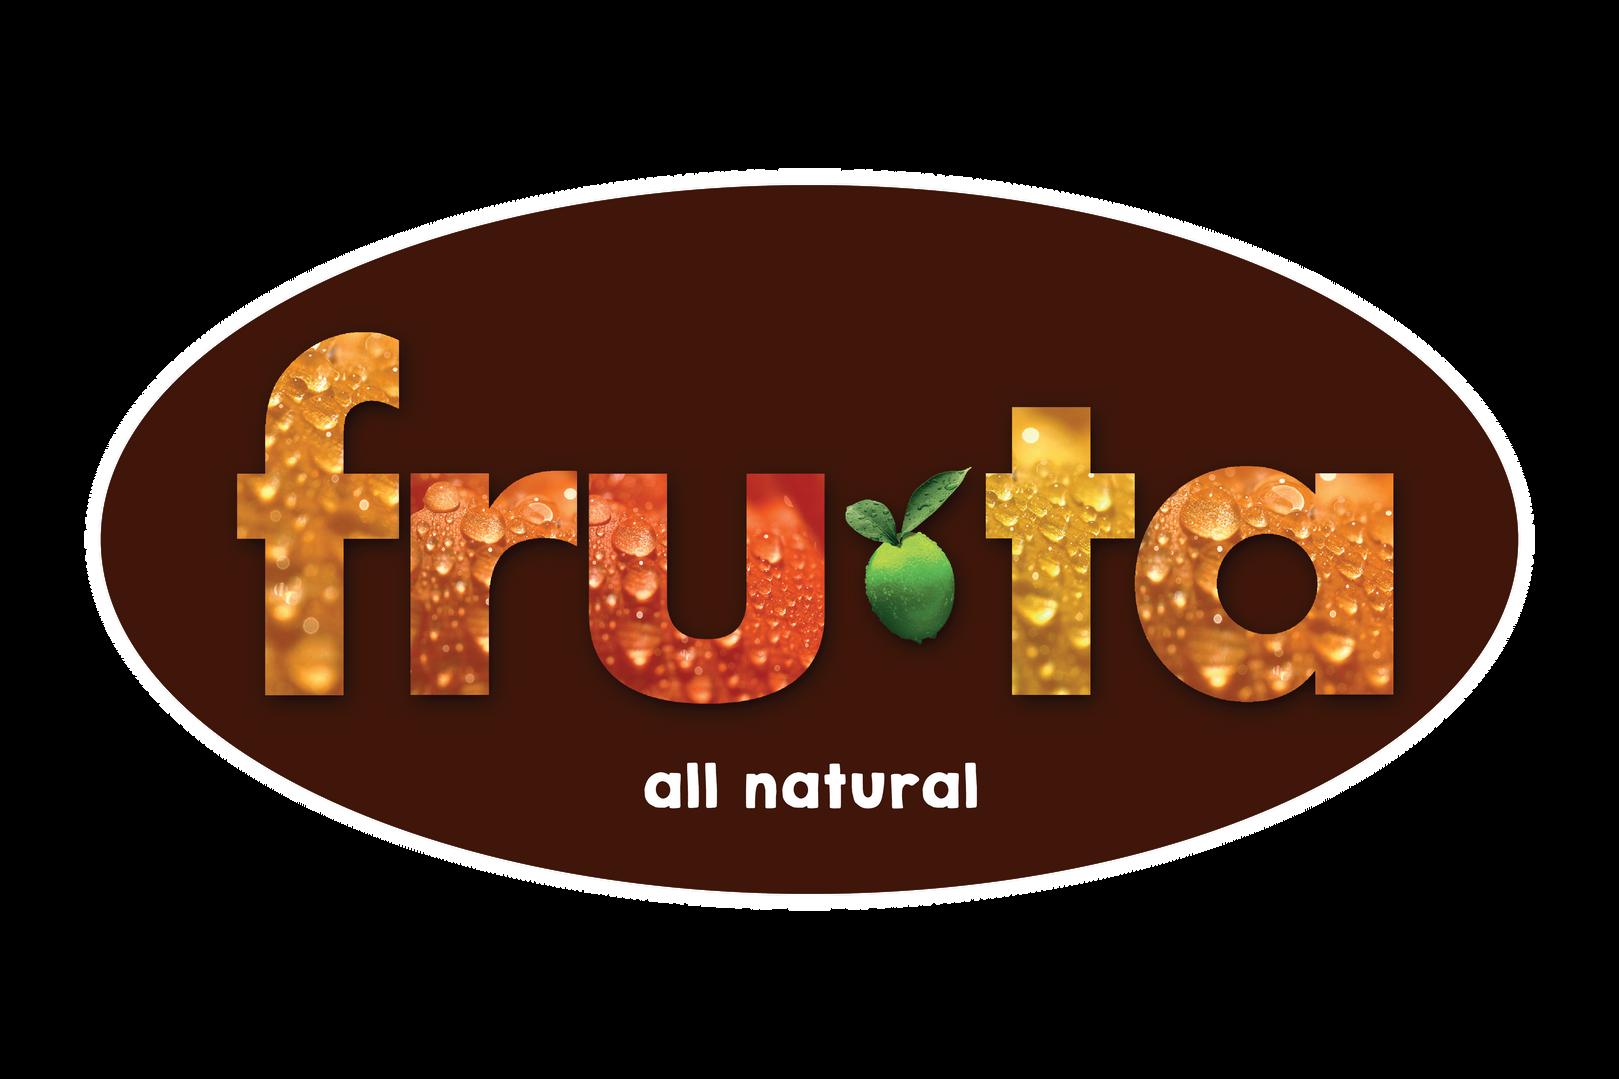 FrutaLogo-2019-01.png